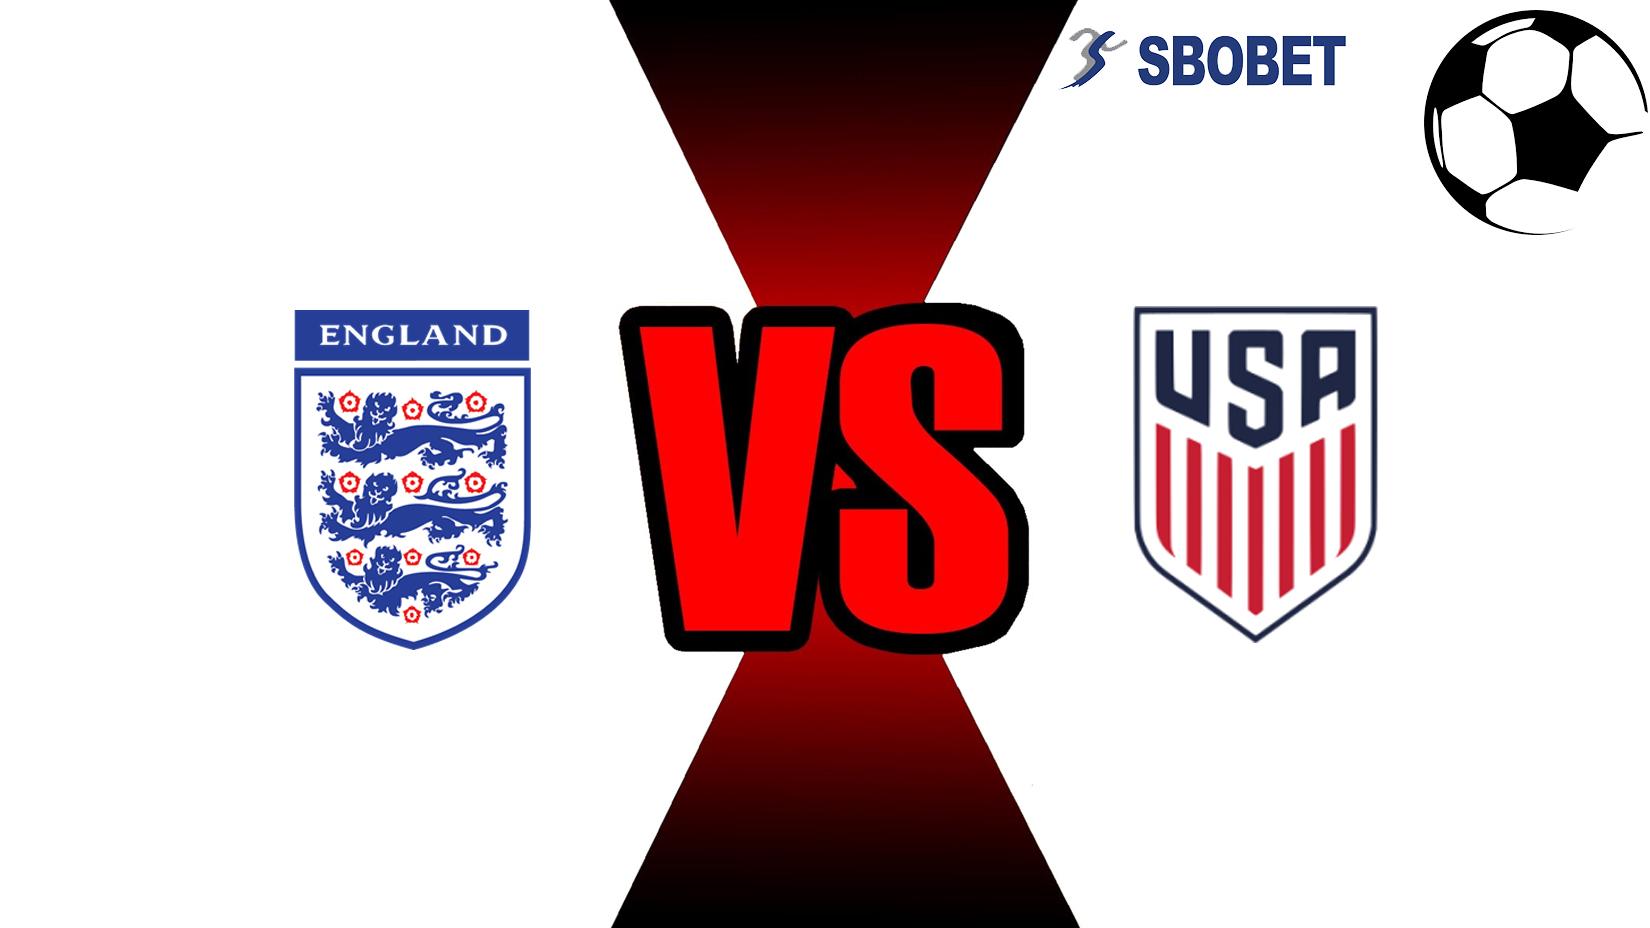 Prediksi Skor Bola Online Inggris vs Amerika Serikat 16 November 2018